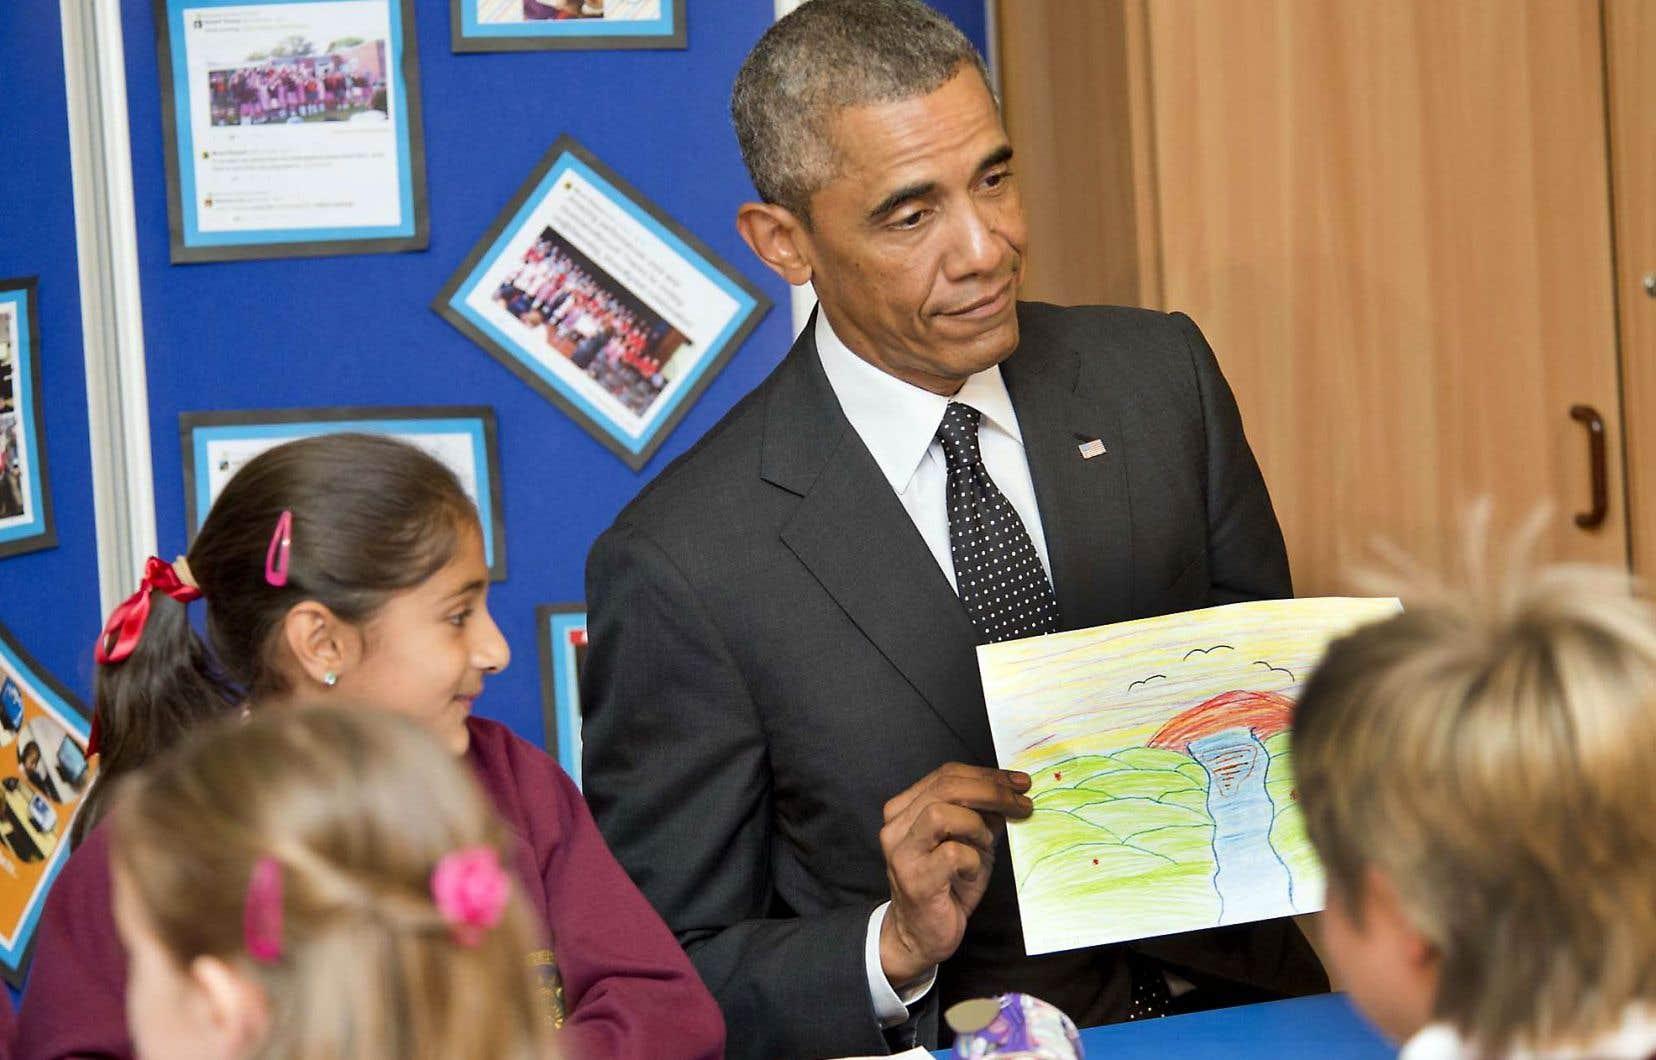 Le président américain Barack Obama rencontre les enfants de l'école Mount Pleasant Primary School à Newport, dans le sud du Pays de Galles, le 4 septembre 2014.